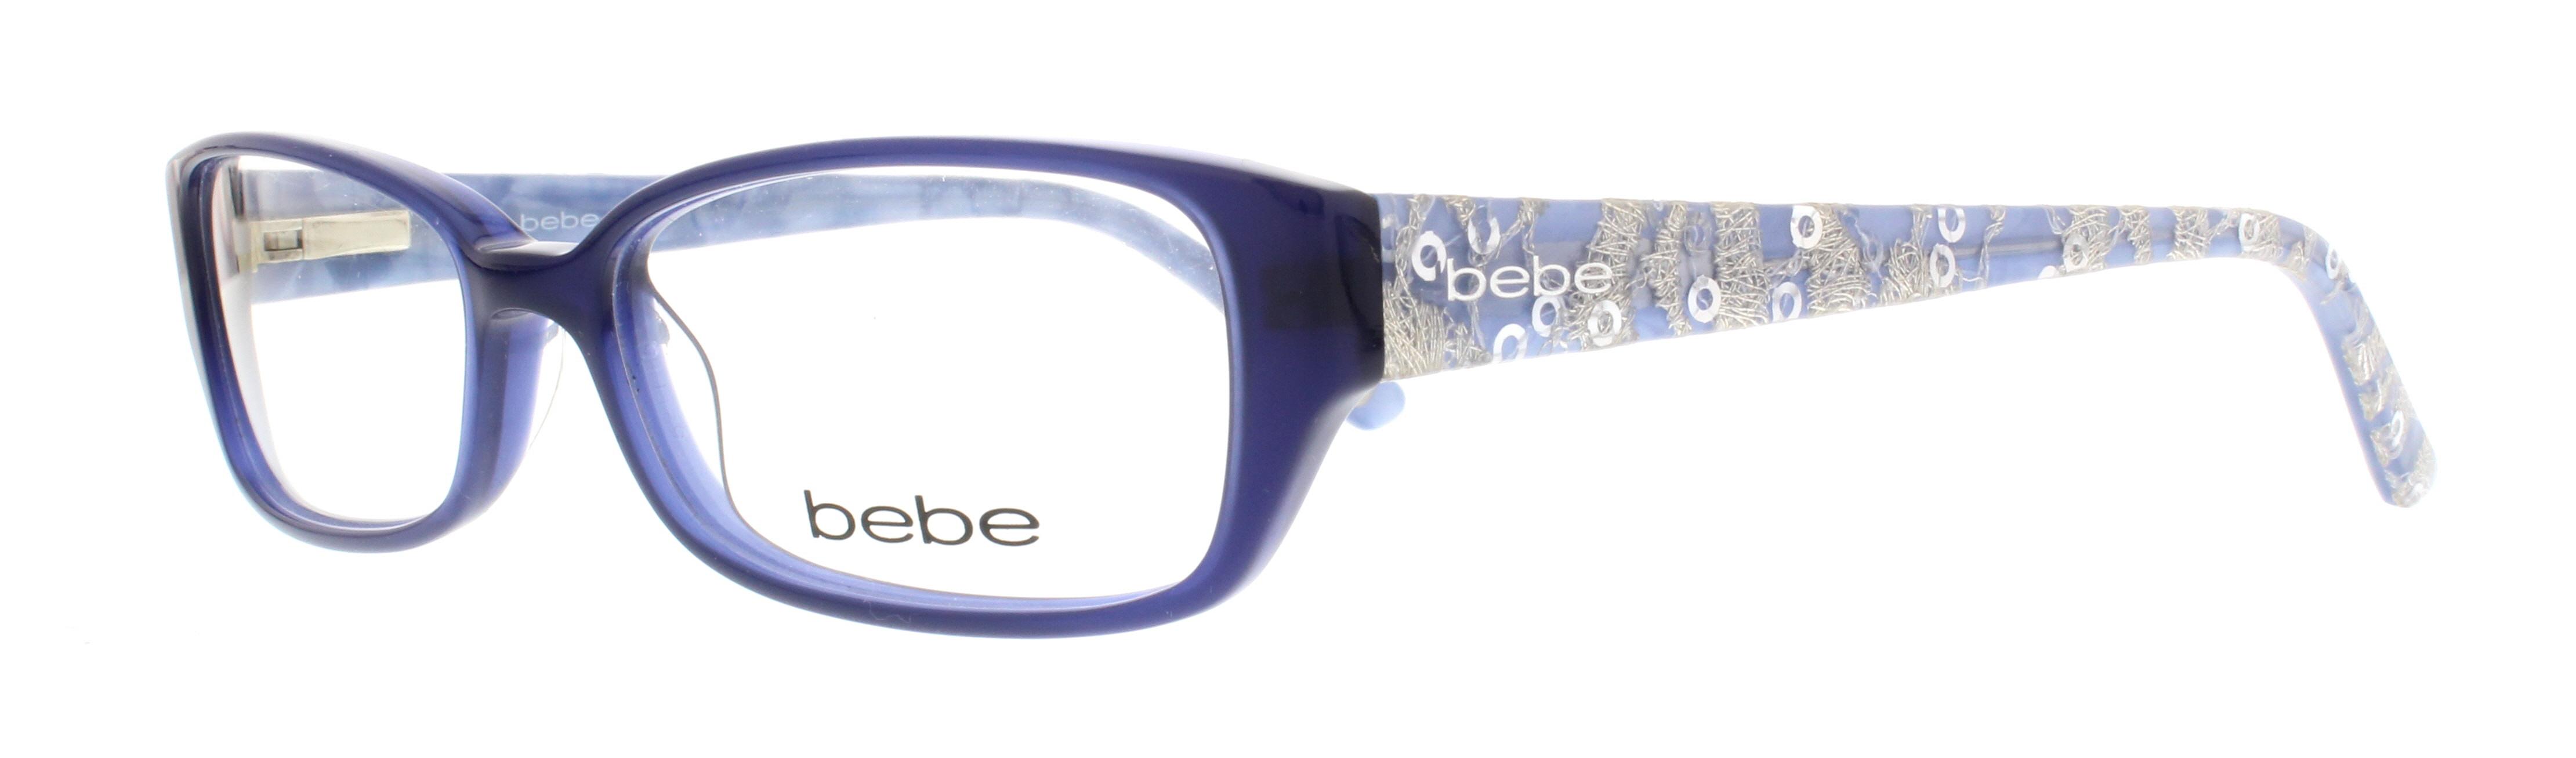 Designer Frames Outlet. Bebe BB5048 Fancy